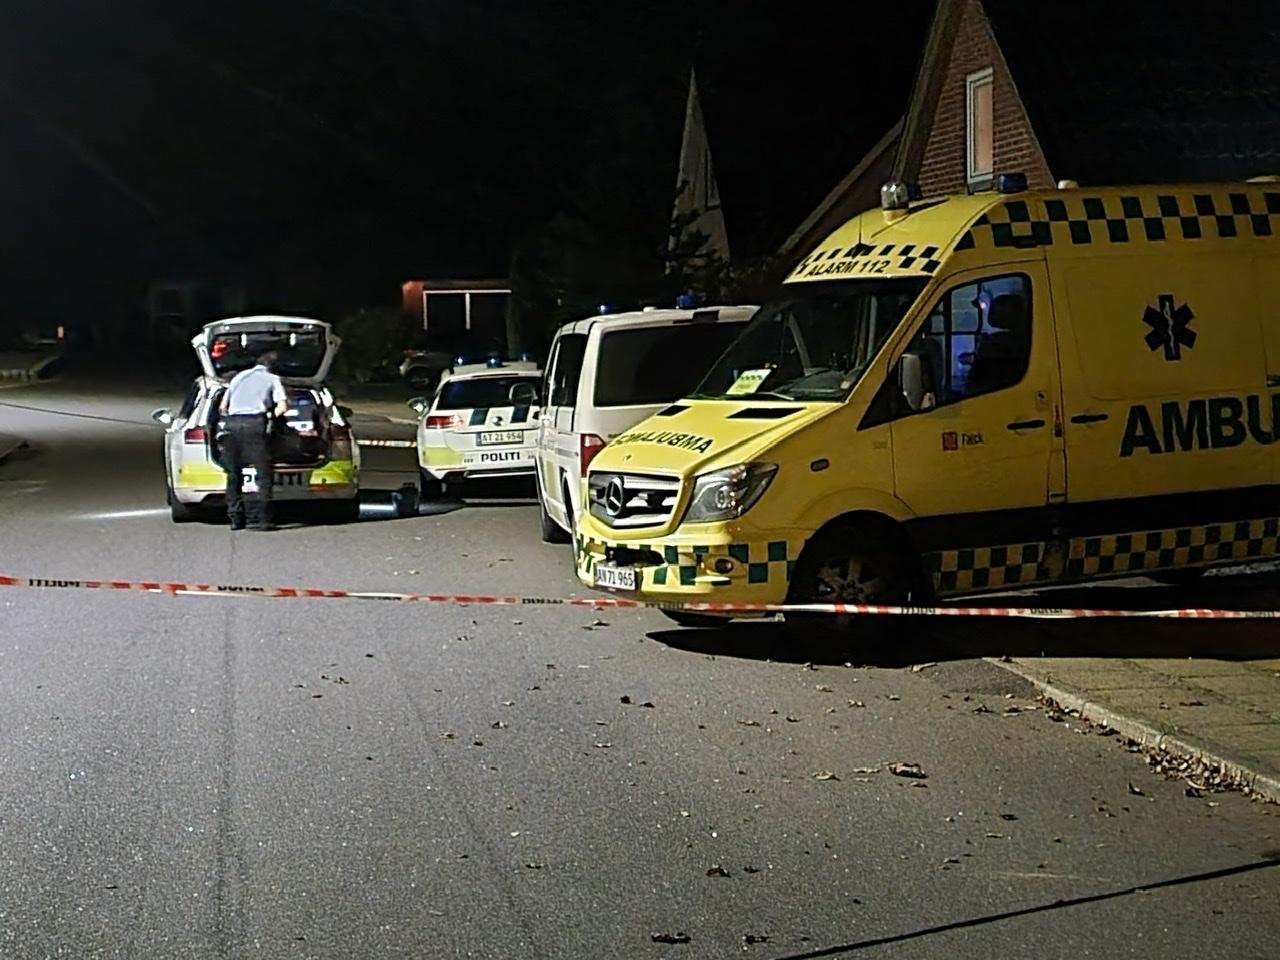 Politi og ambulance til stede i Hvidbjerg - område afspærret